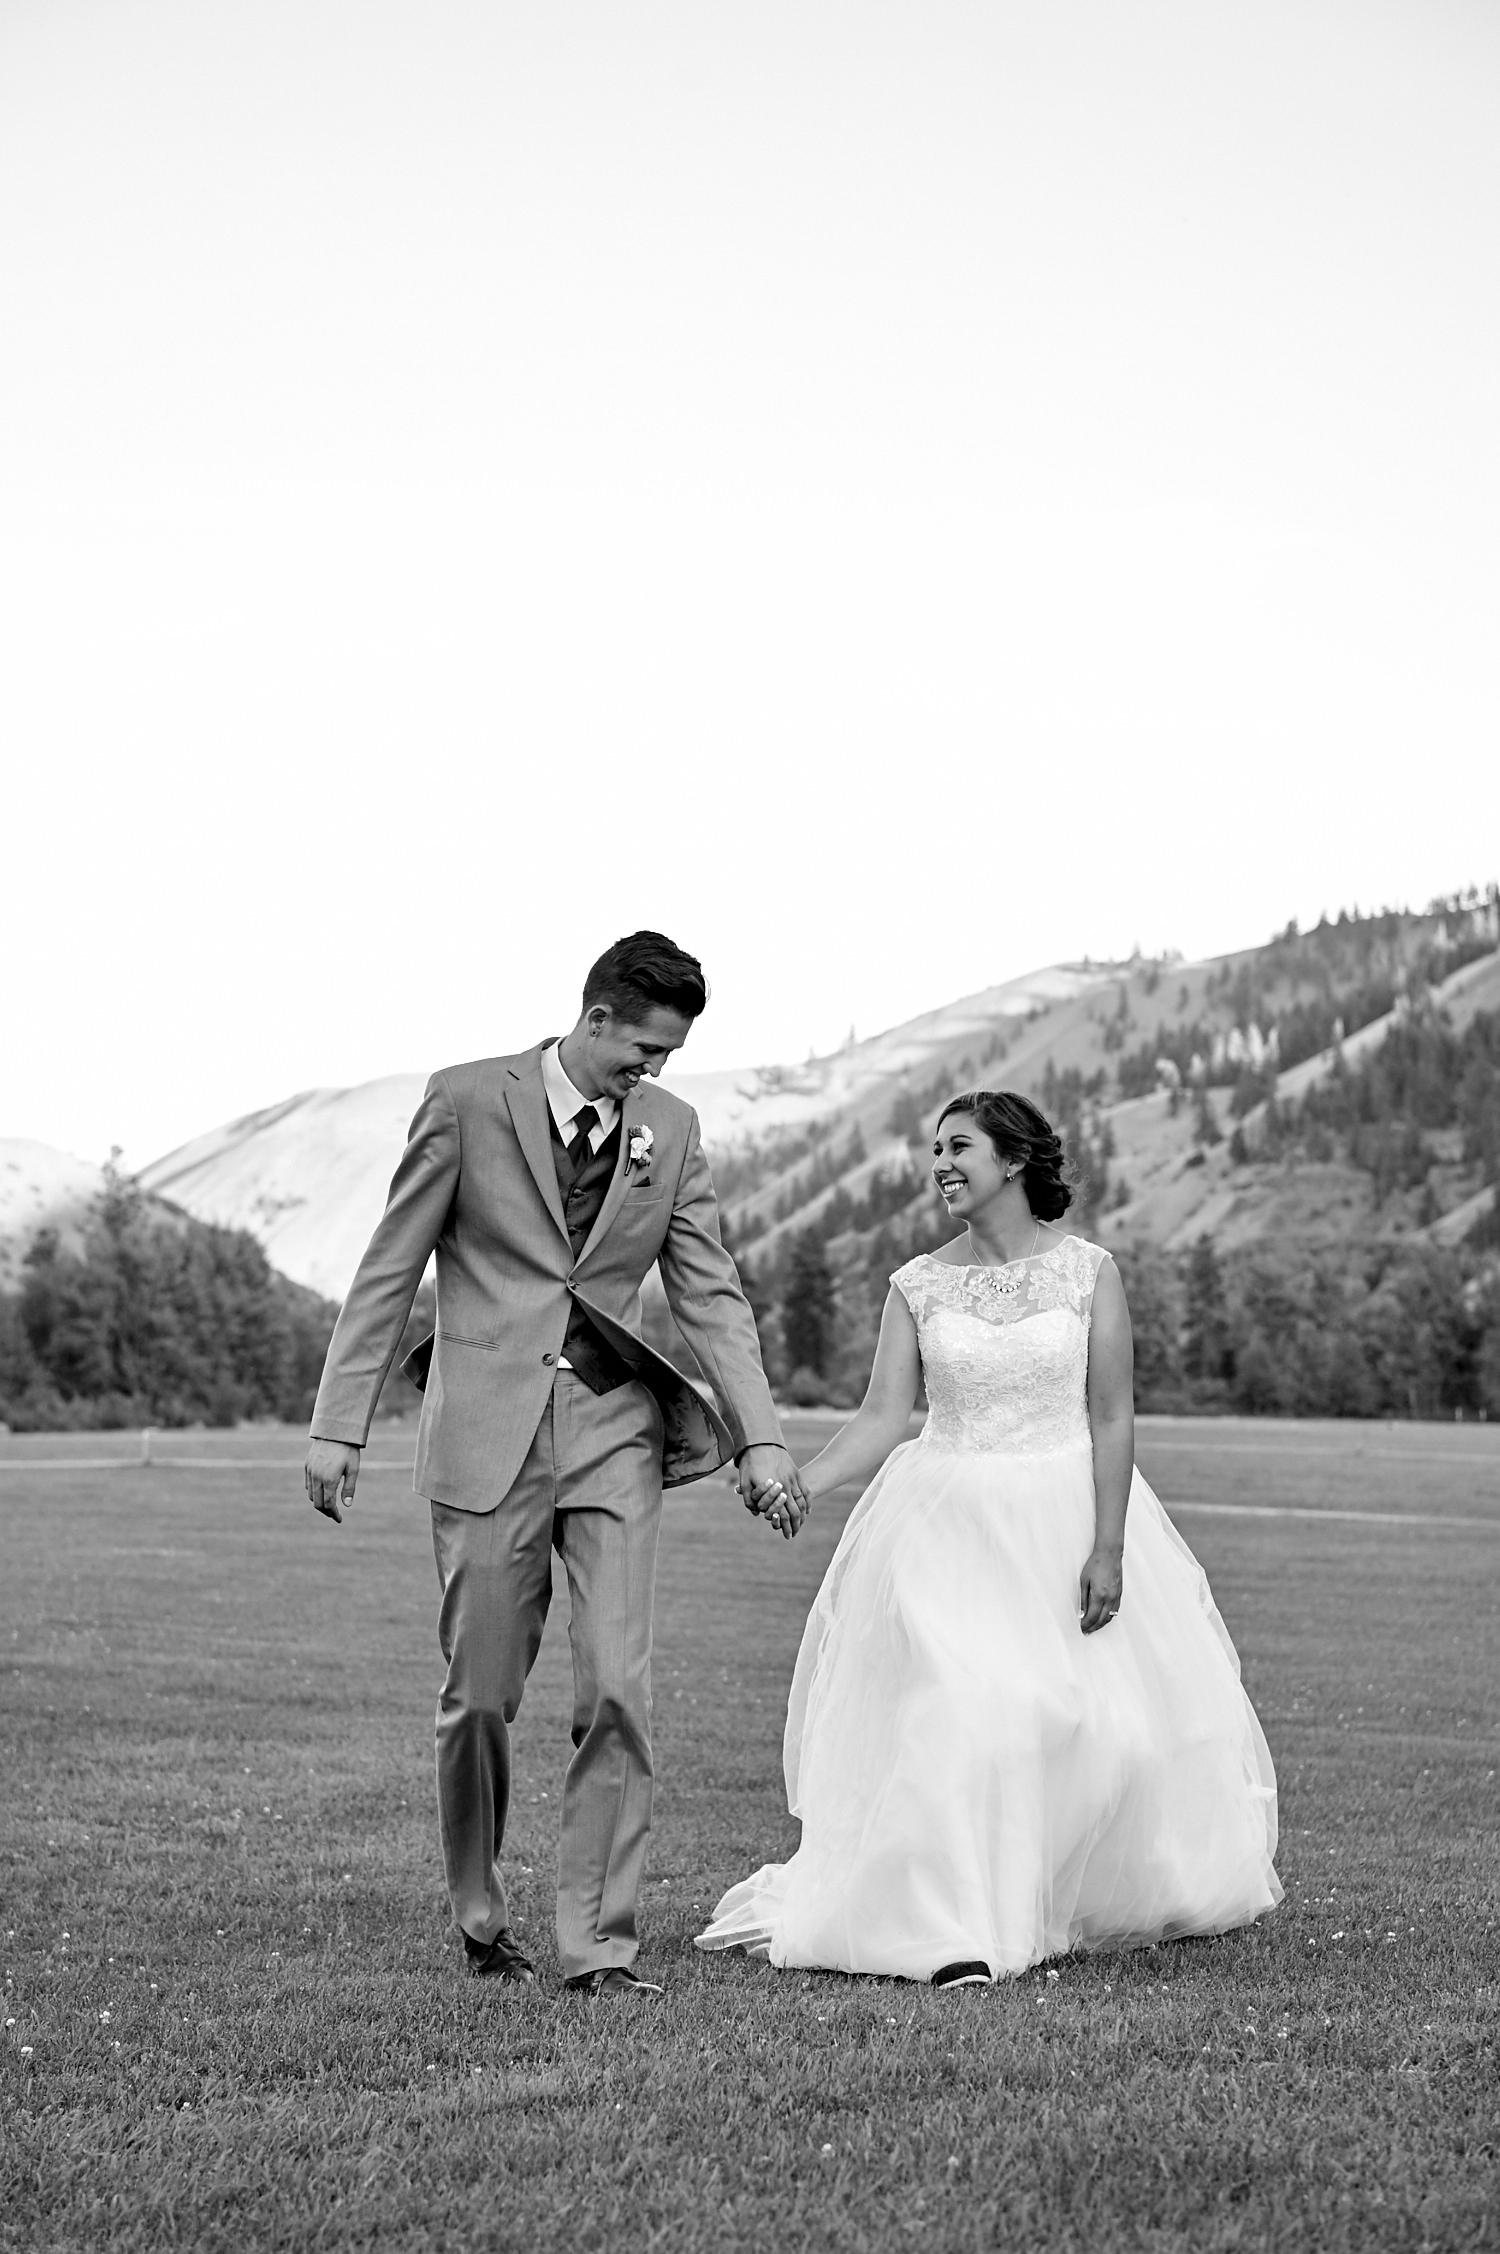 web - T & K wedding__FHX3065 1.jpg